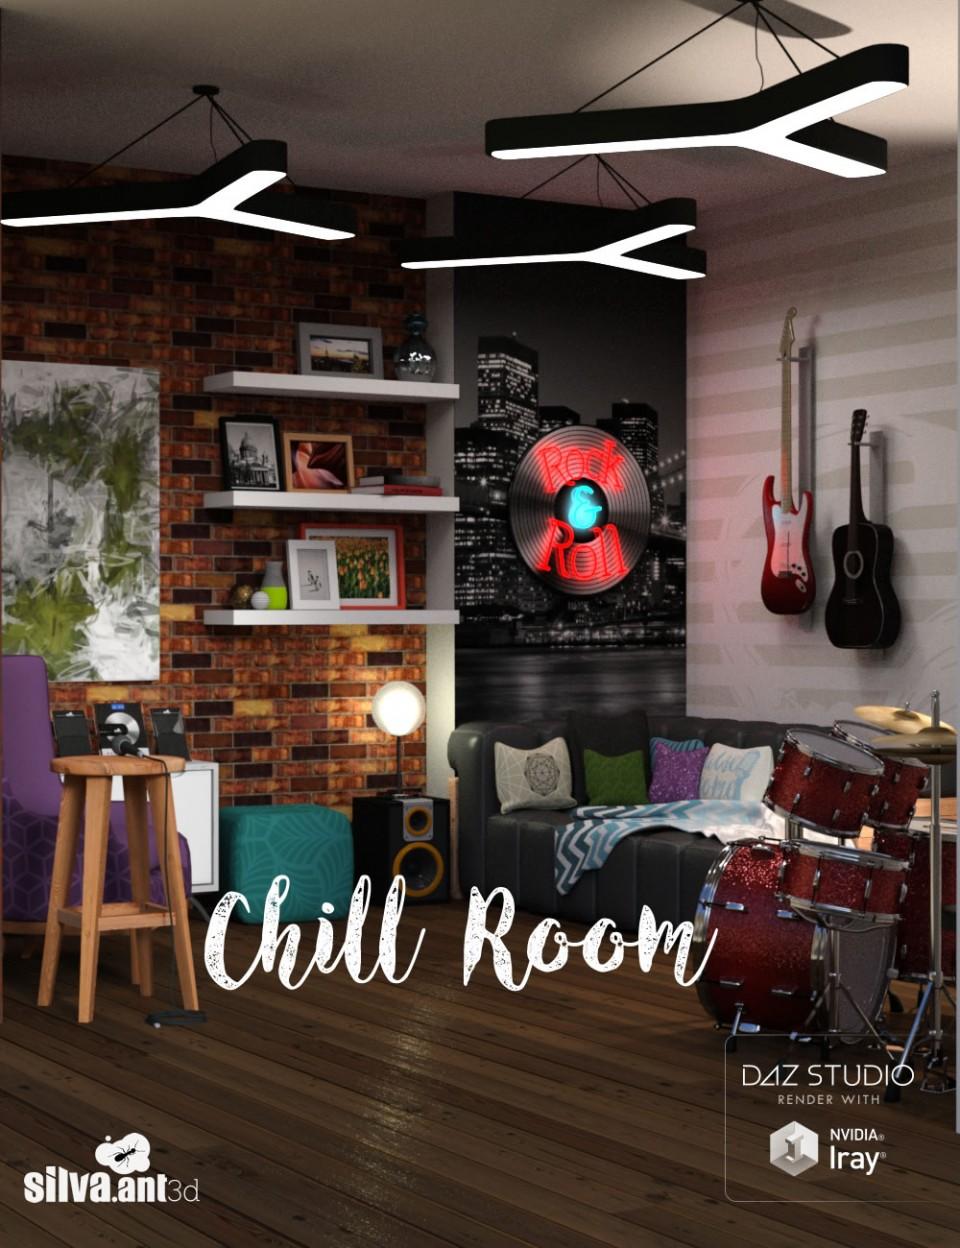 Chill Room_DAZ3D下载站